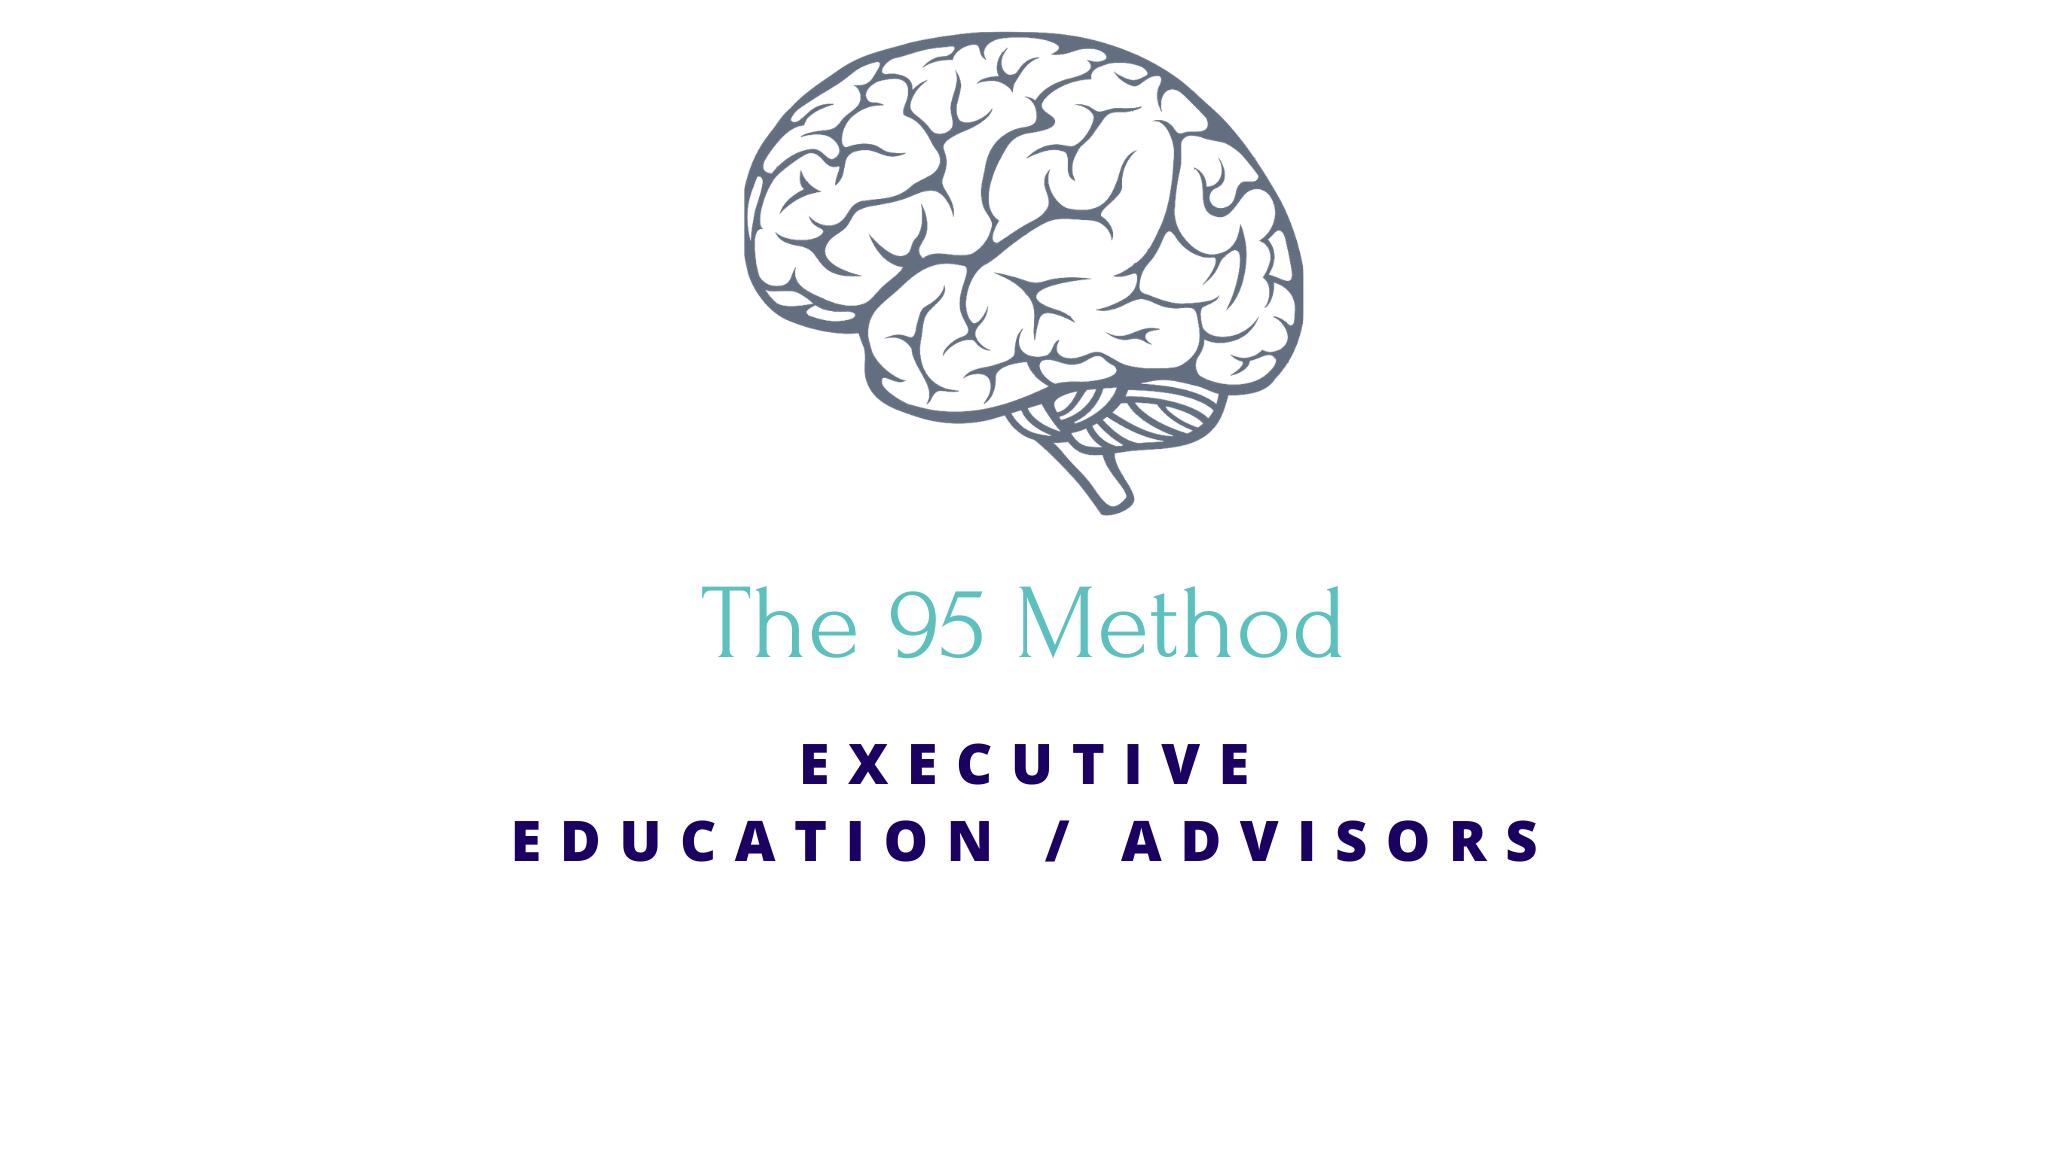 The 95 Method